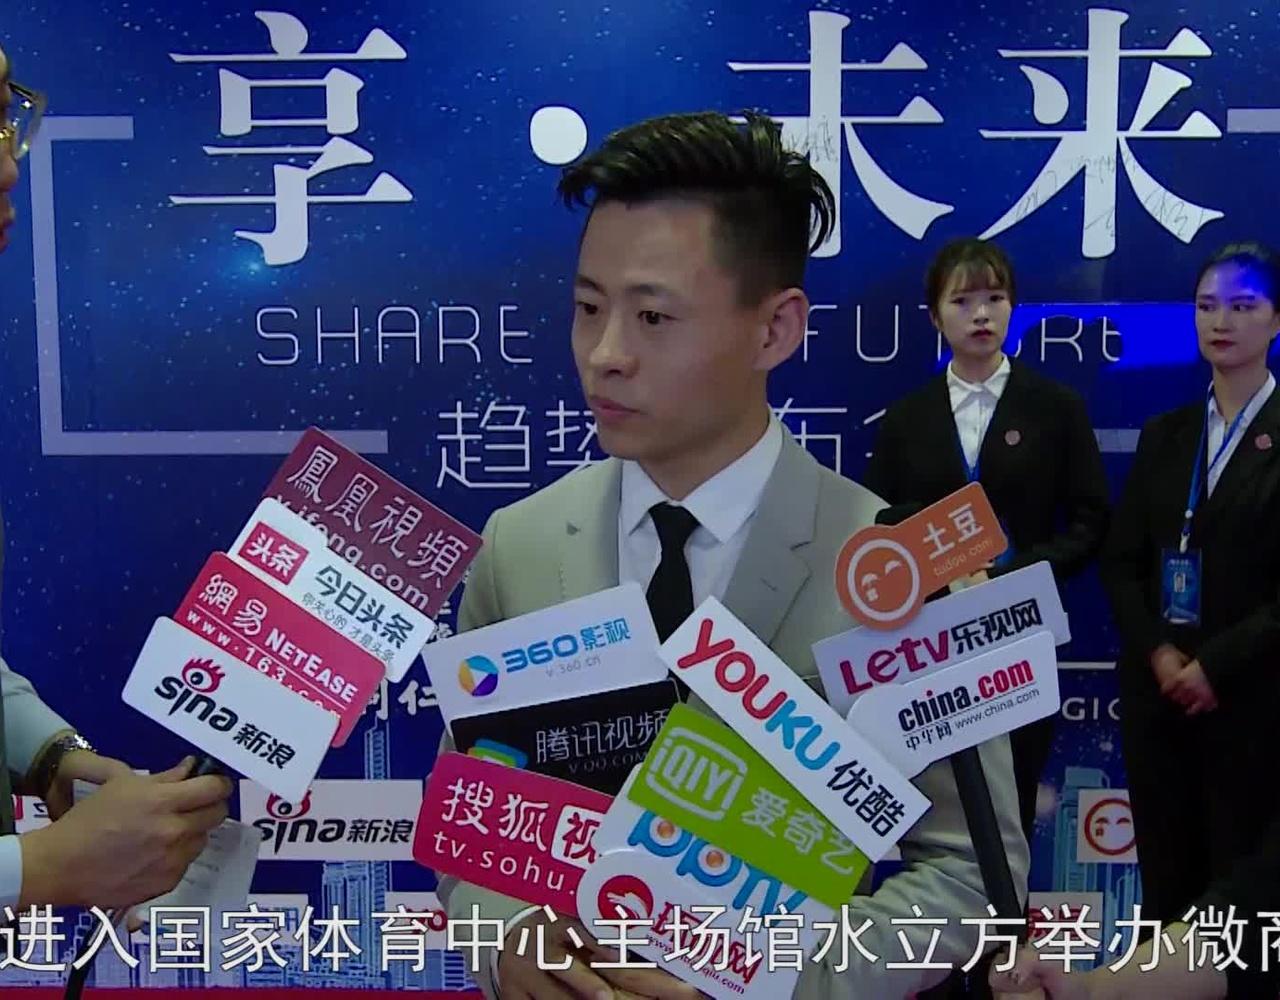 北京同仁堂足道产品微商代理活动